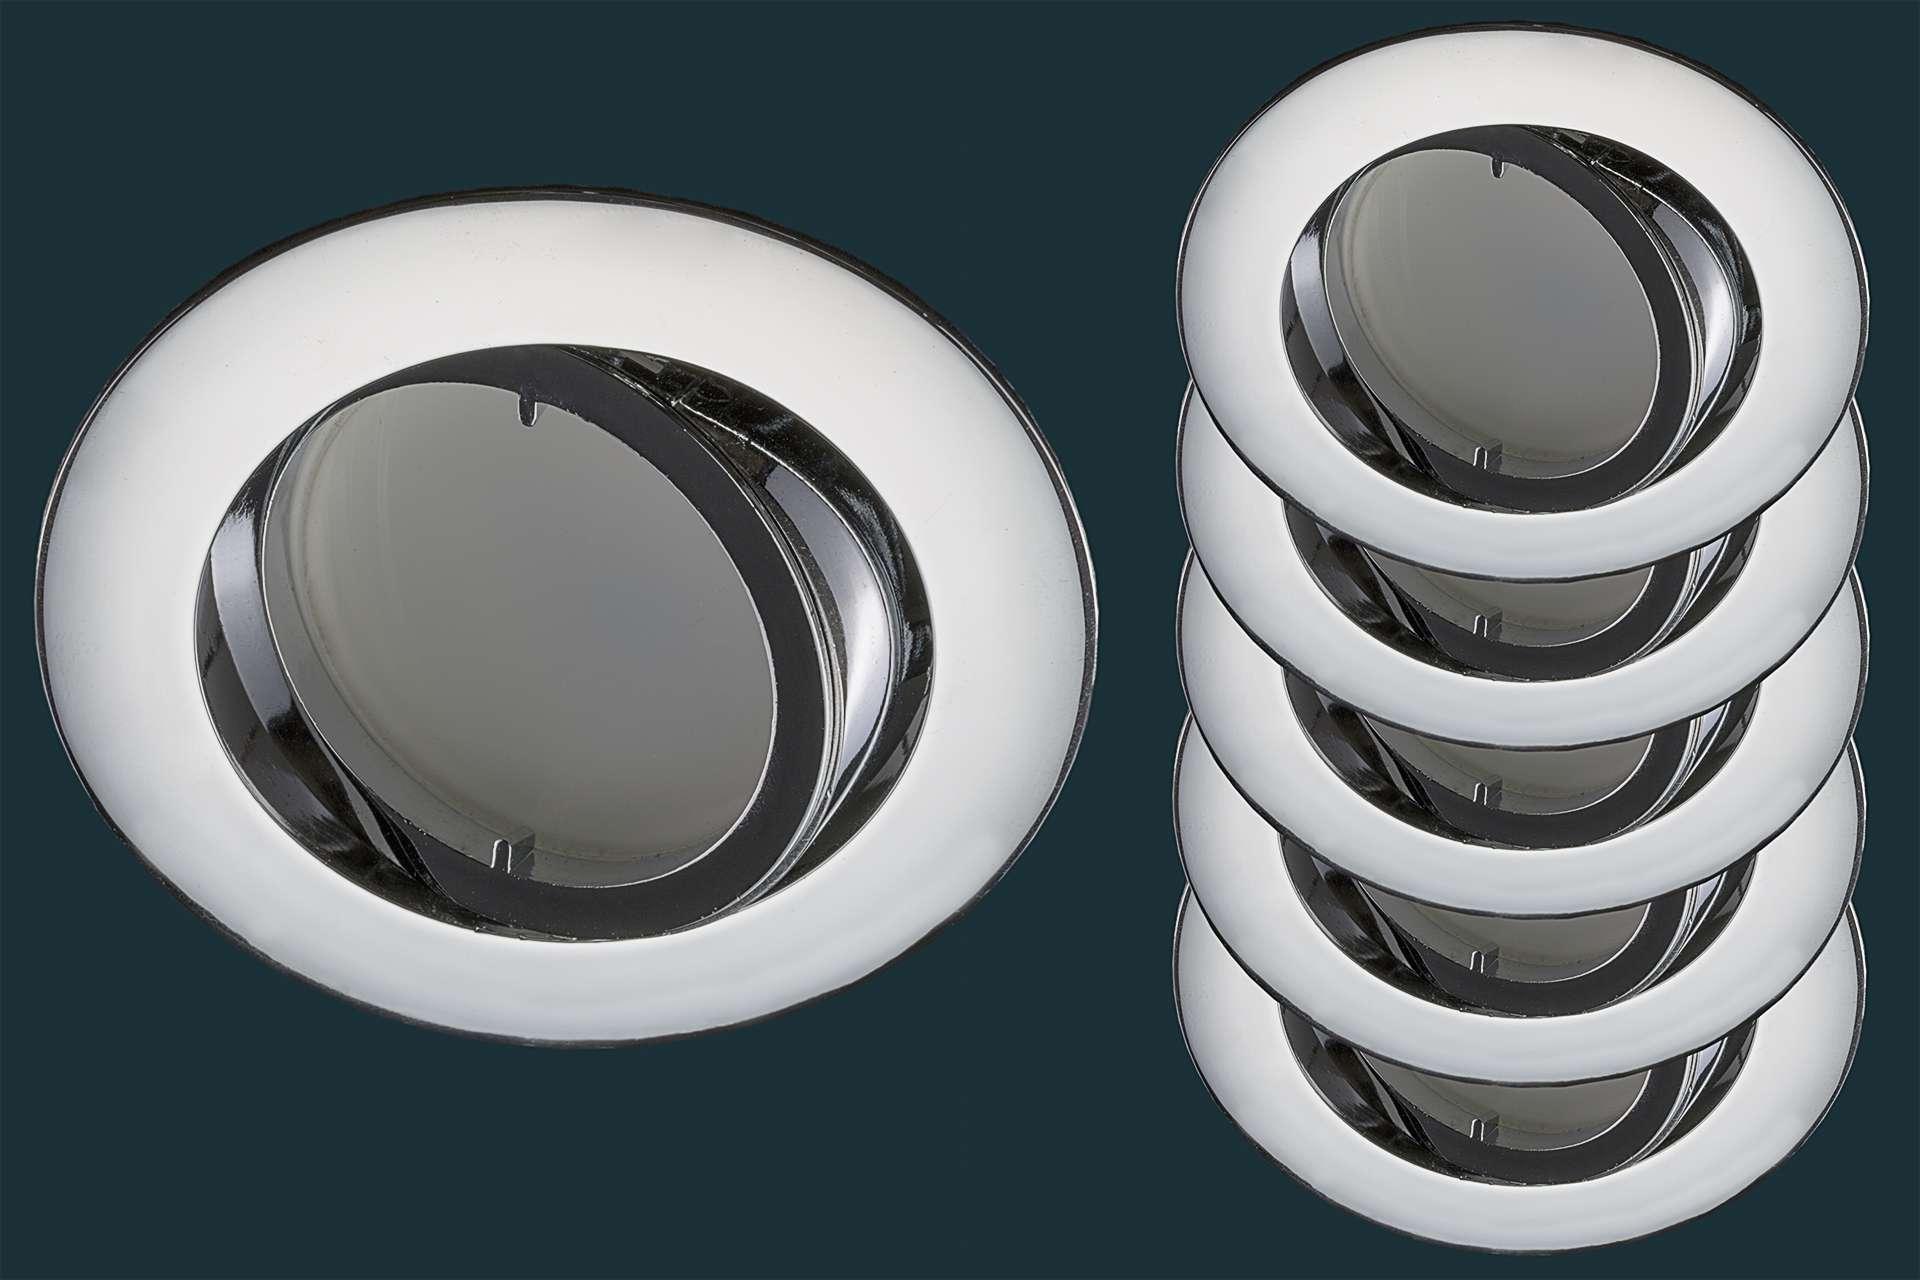 5er-Set-Led-Einbaustrahler-flach-artlight-flat-dim-chrom-01_1280x1280@2x Verwunderlich Led Einbauleuchten Geringe Einbautiefe Dekorationen